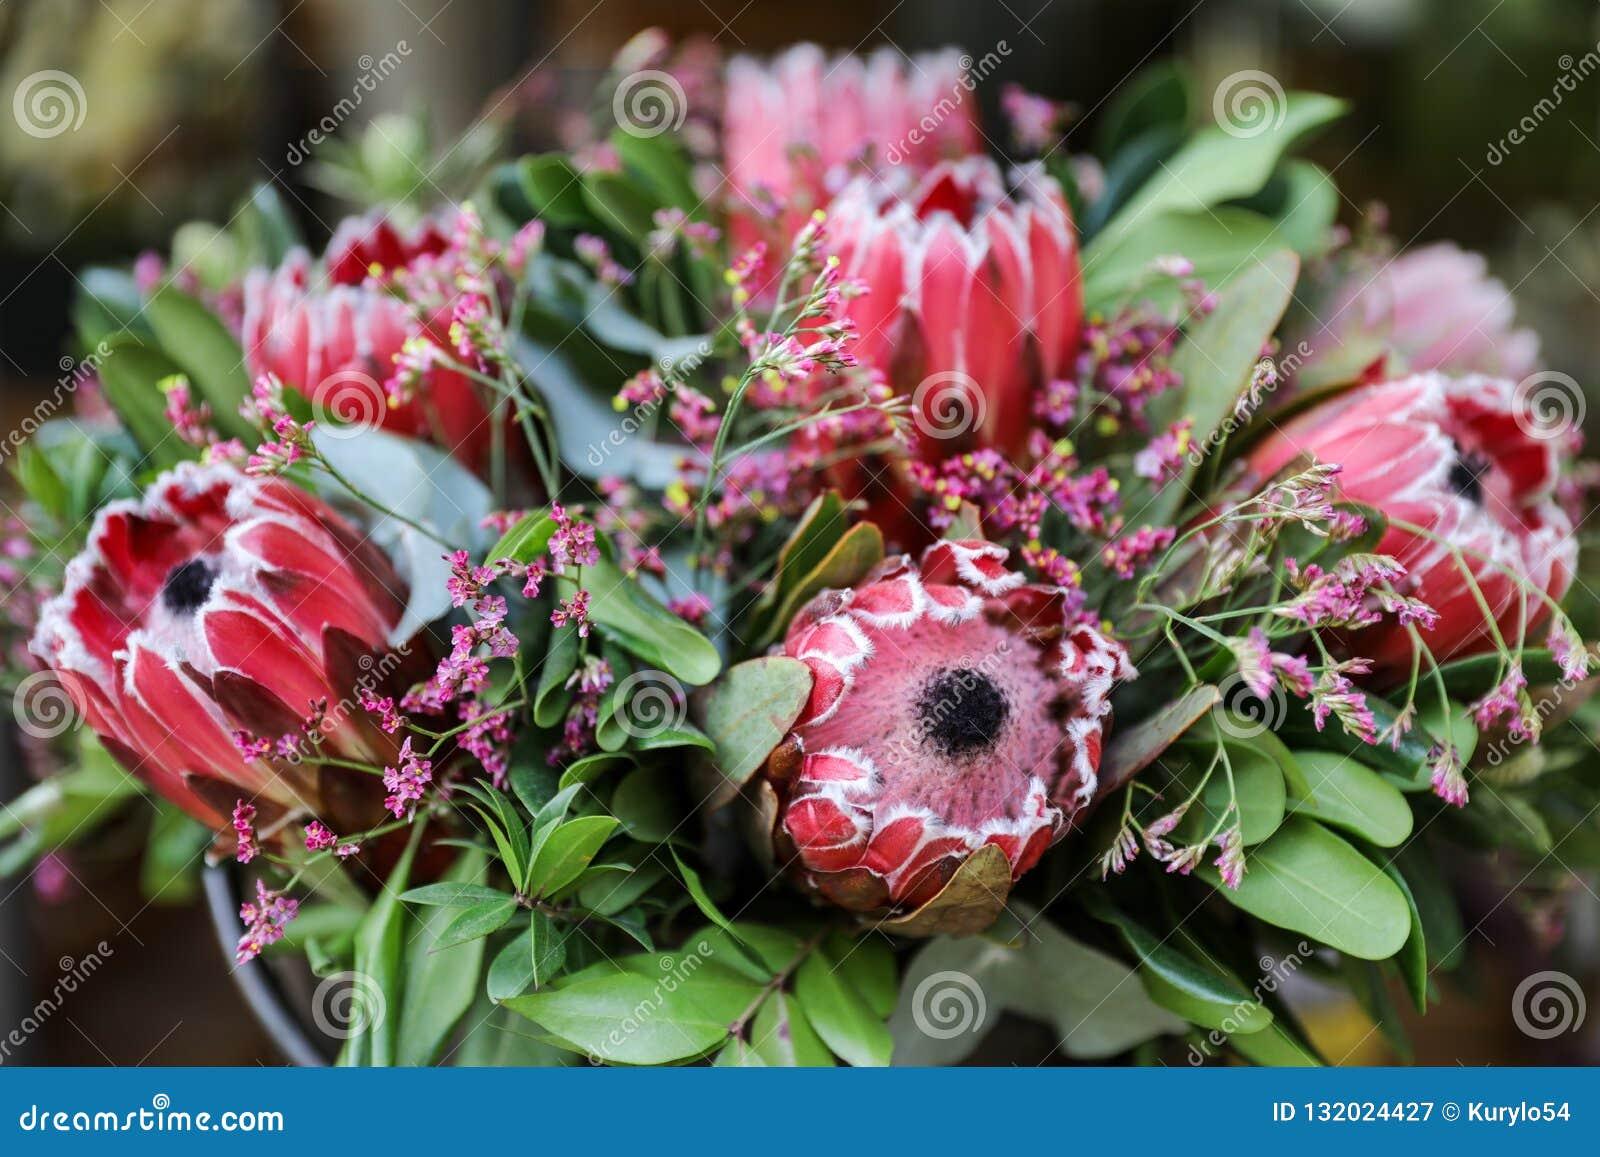 Arranjo de flor fresca bonito de flores do macrocephala do Protea